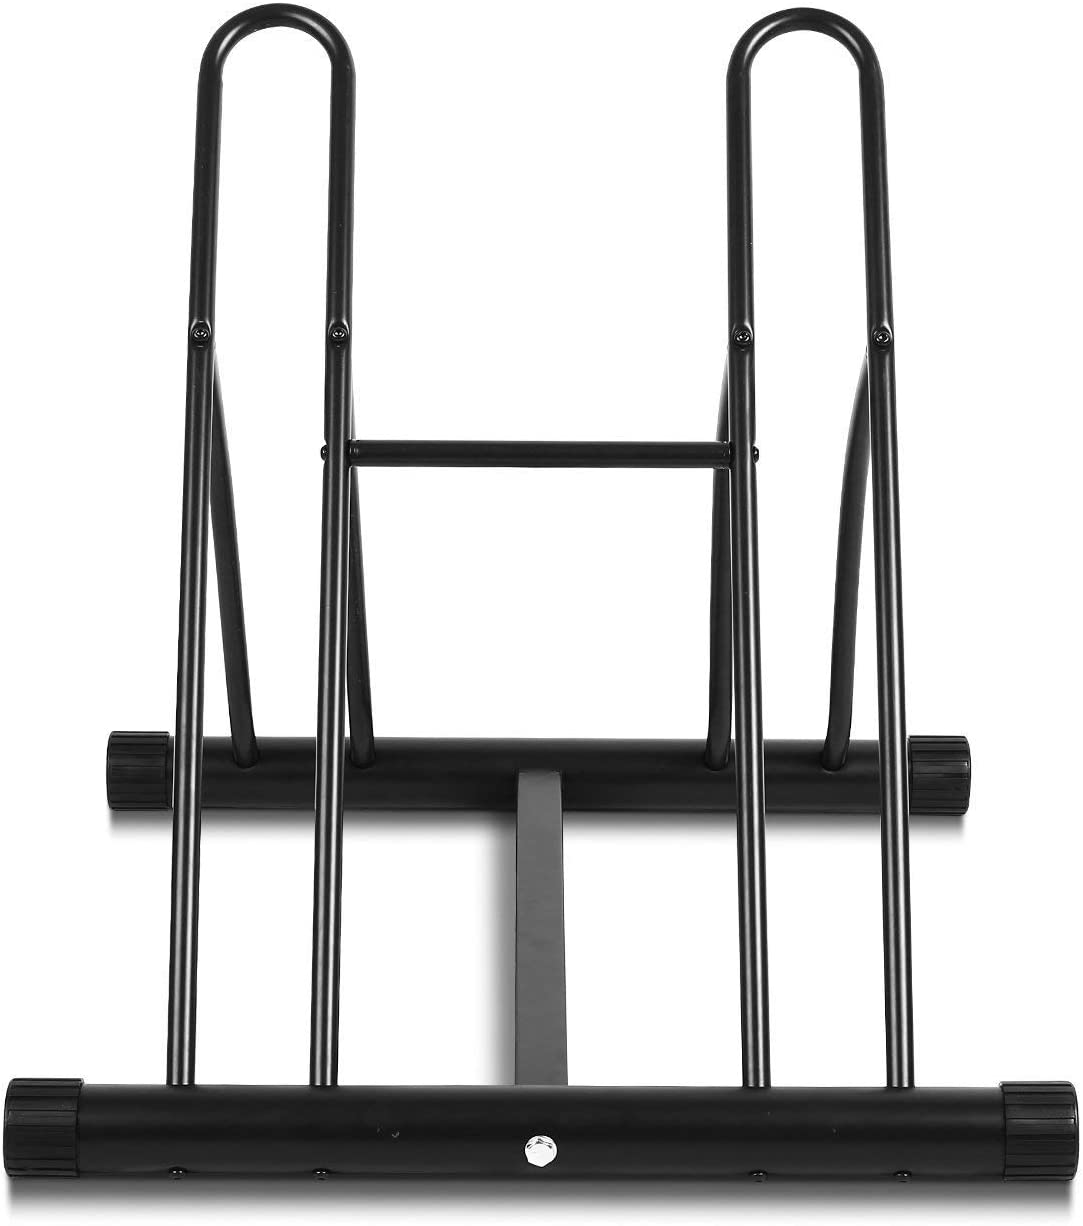 Acciaio Rack Per Parcheggio 58 /× 55 /× 56 CM Nero Parcheggio per Le Bici Fino a 2 Posti FEMOR Rastrelliera Portabici